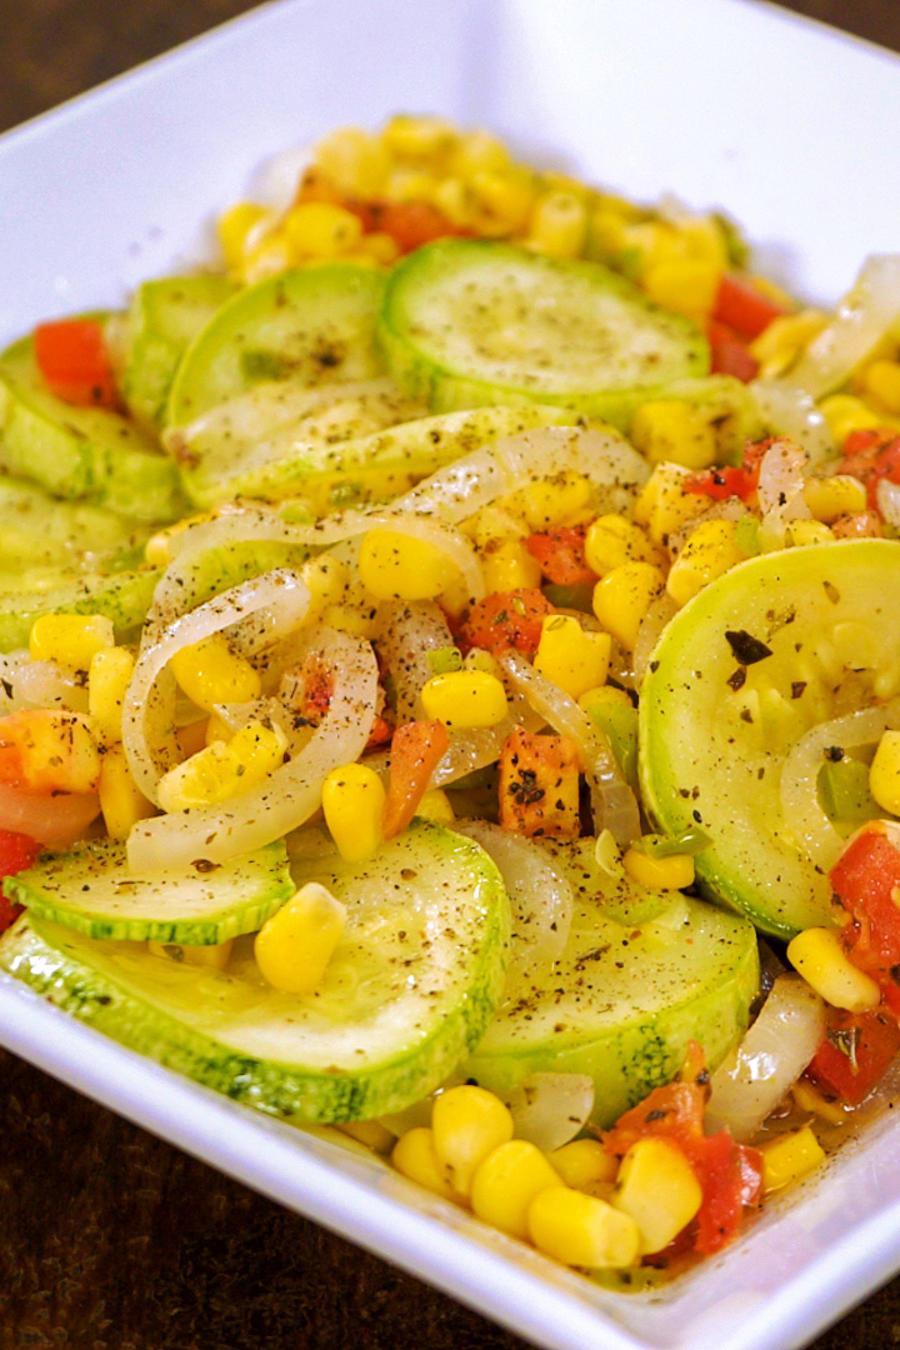 Receta antifrío: sartén de verduras y hierbas